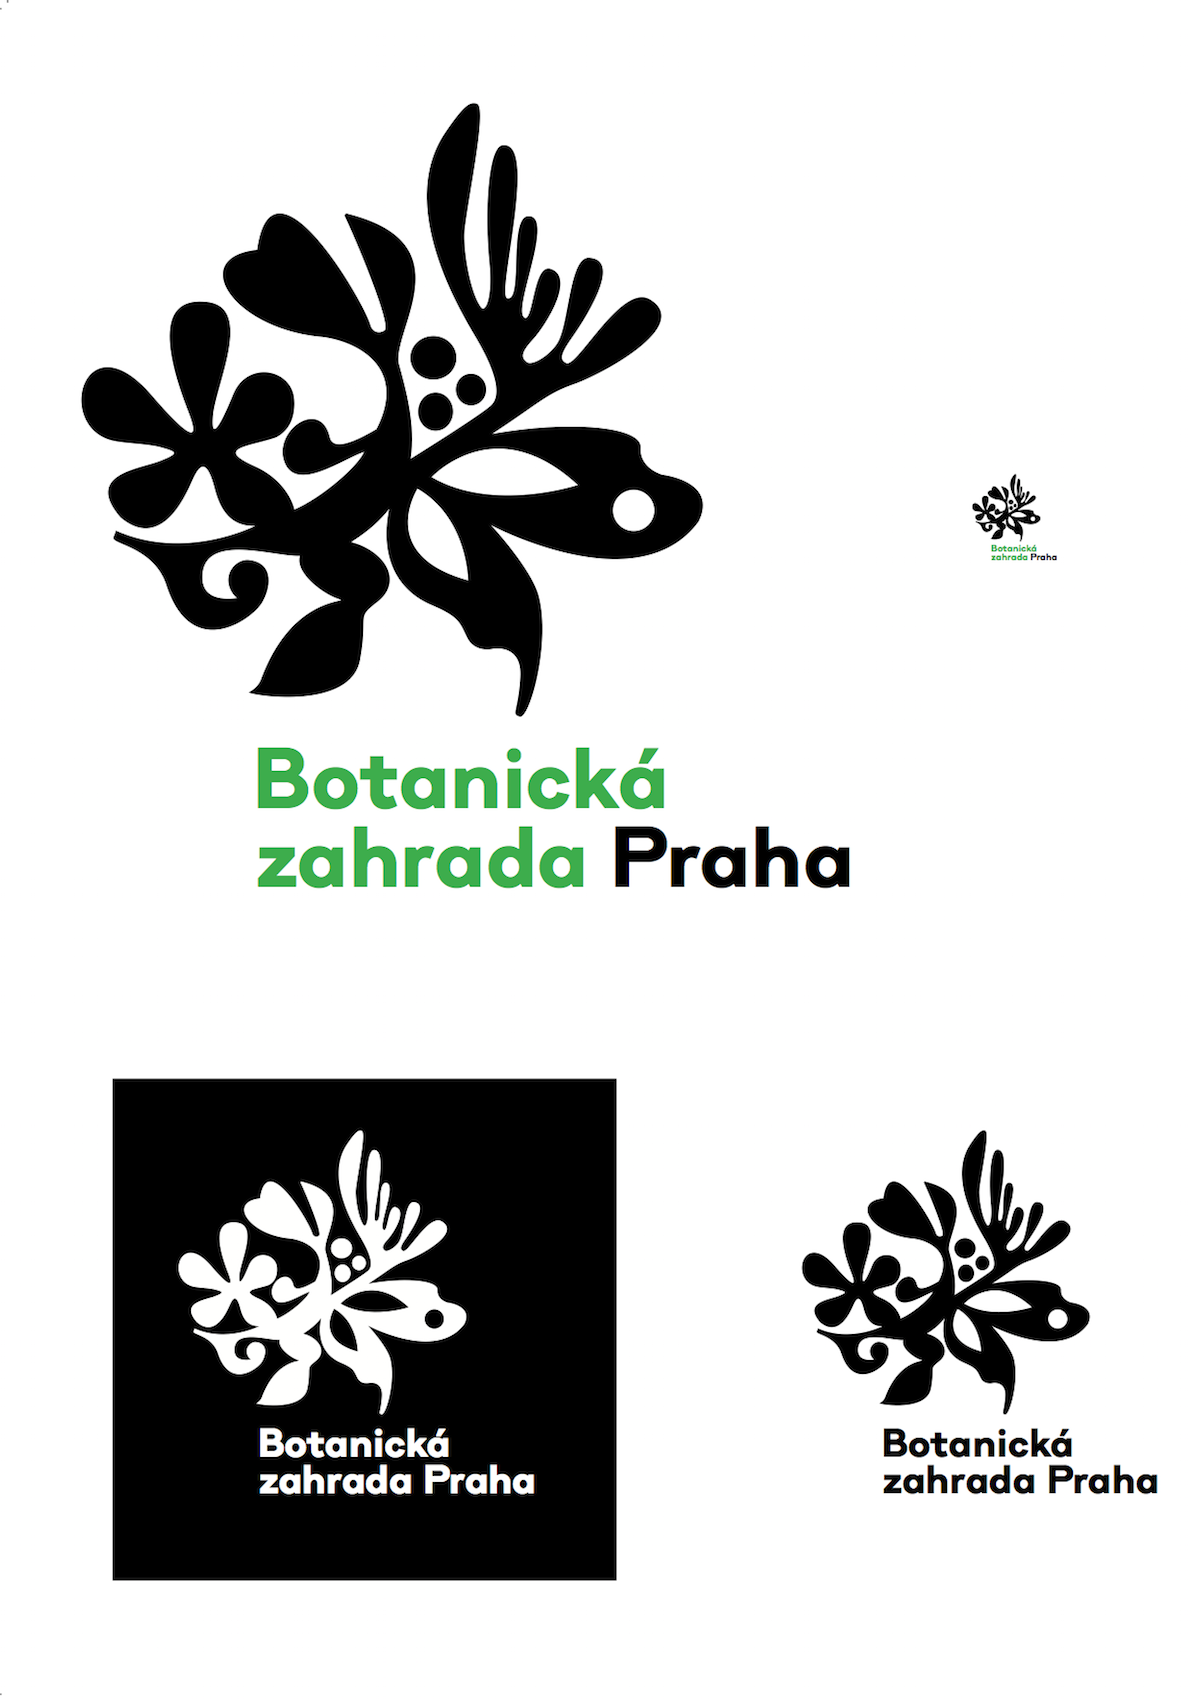 Návrh loga Botanické zahrady Praha od studia ReDesign